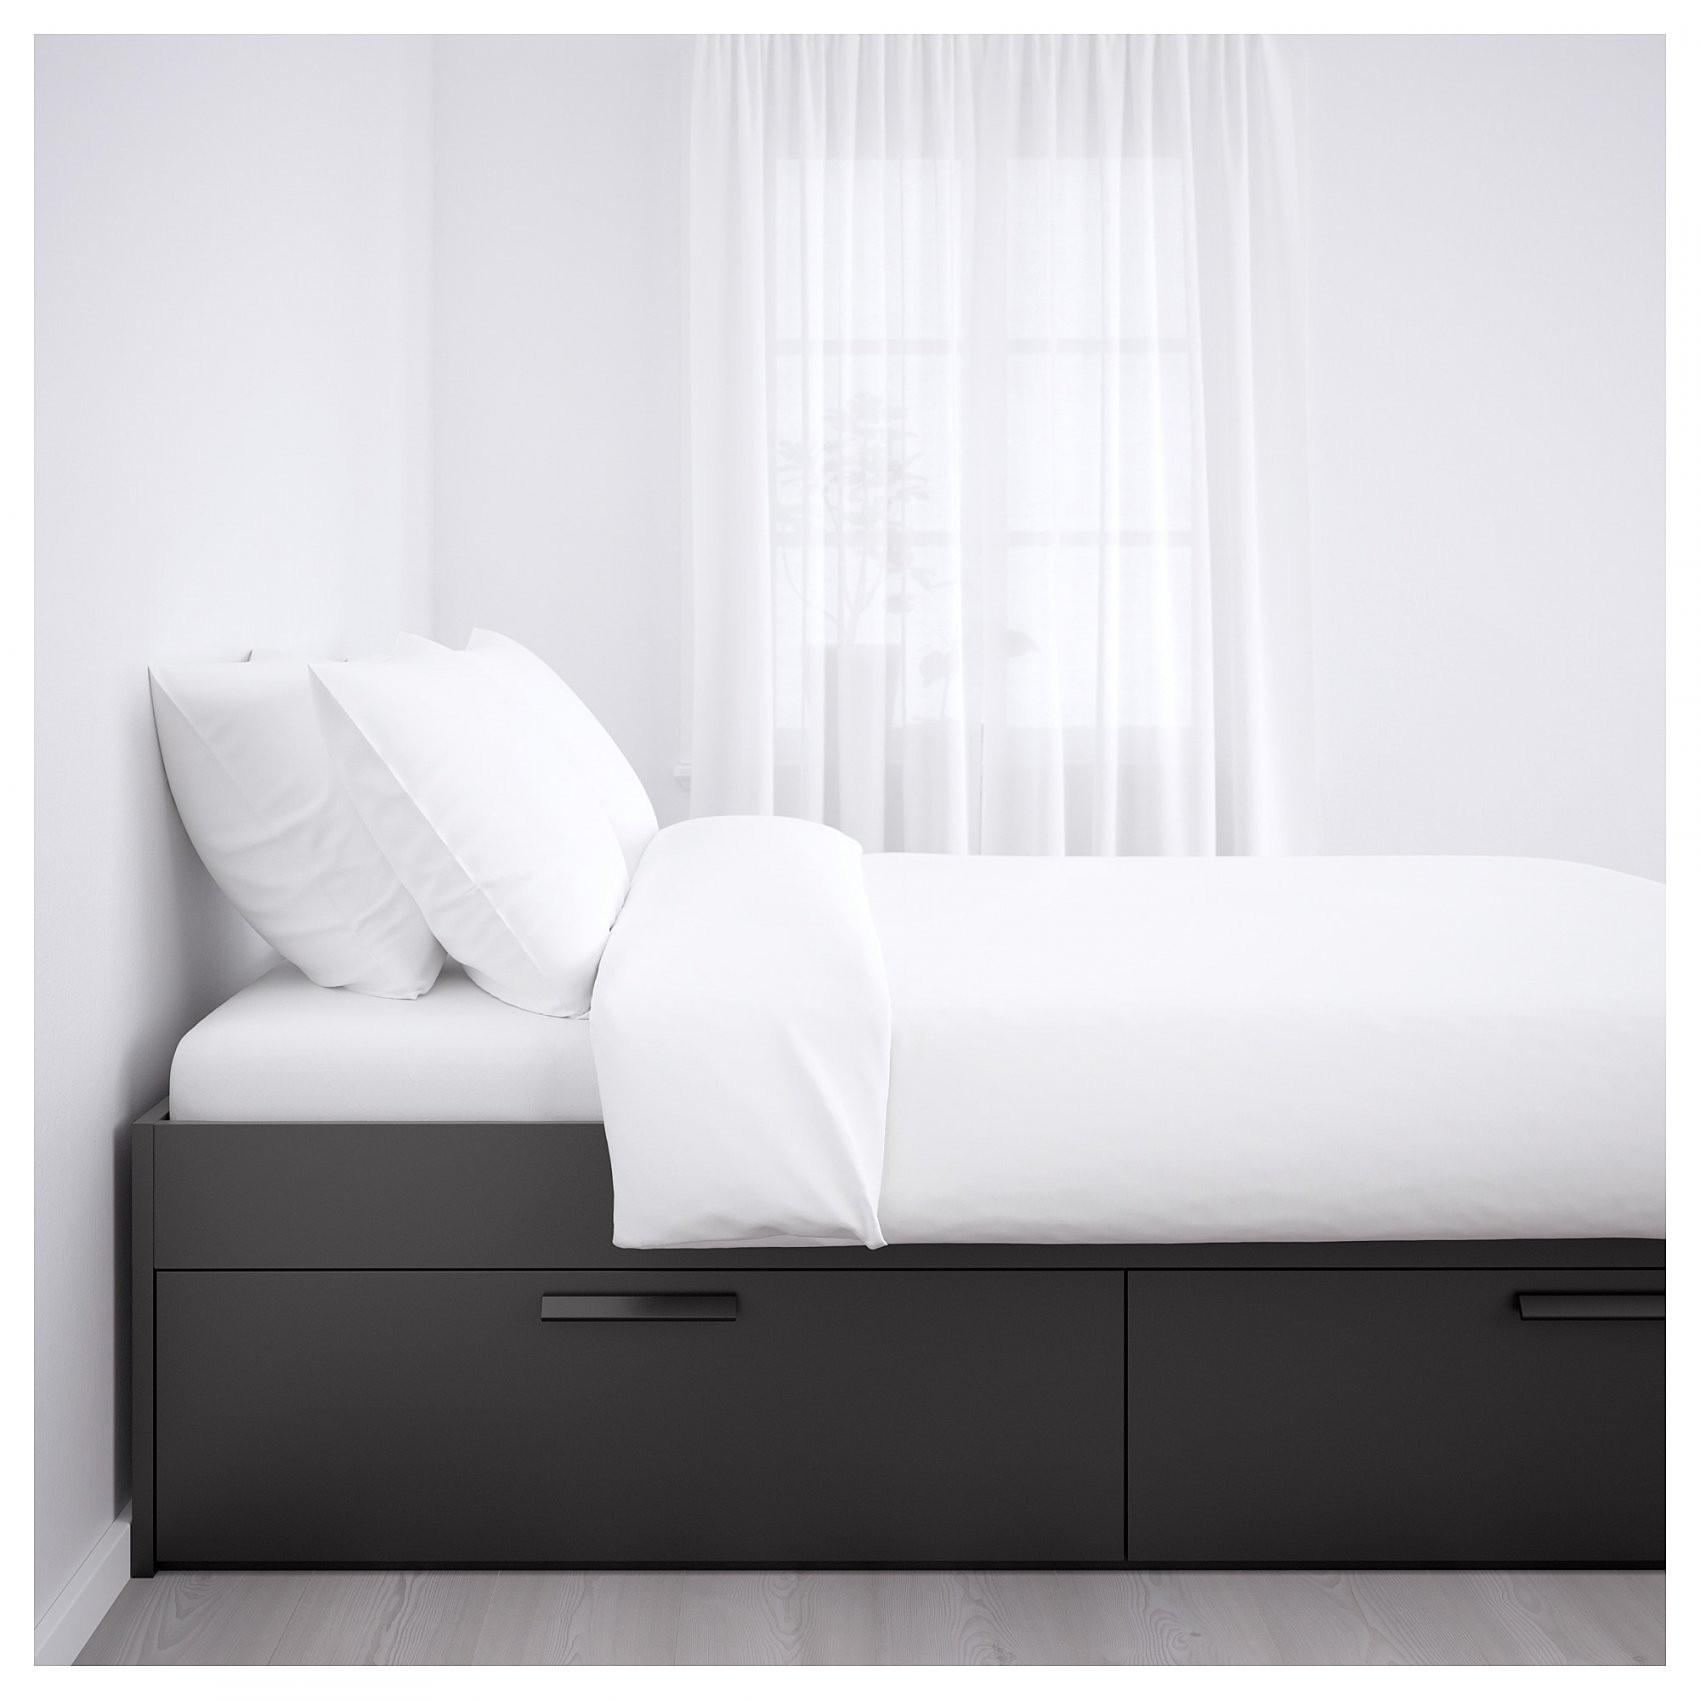 Brimnes Bedframe Met Opberglades  180X200 Cm Lönset Wit  Ikea von Ikea Brimnes Bett 180X200 Photo